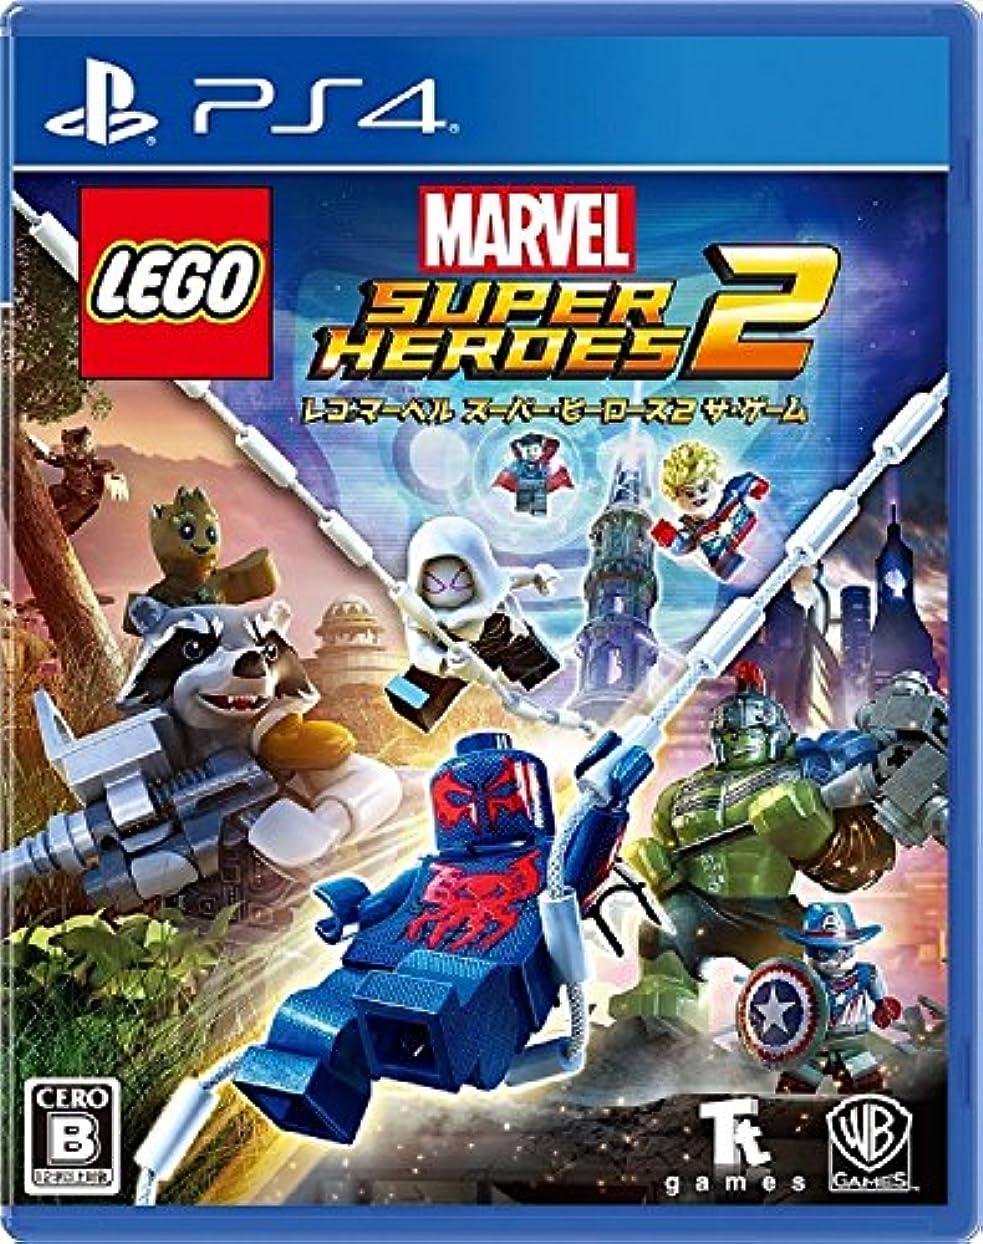 ハック警察攻撃的レゴ (R) マーベル スーパー?ヒーローズ2 ザ?ゲーム - PS4